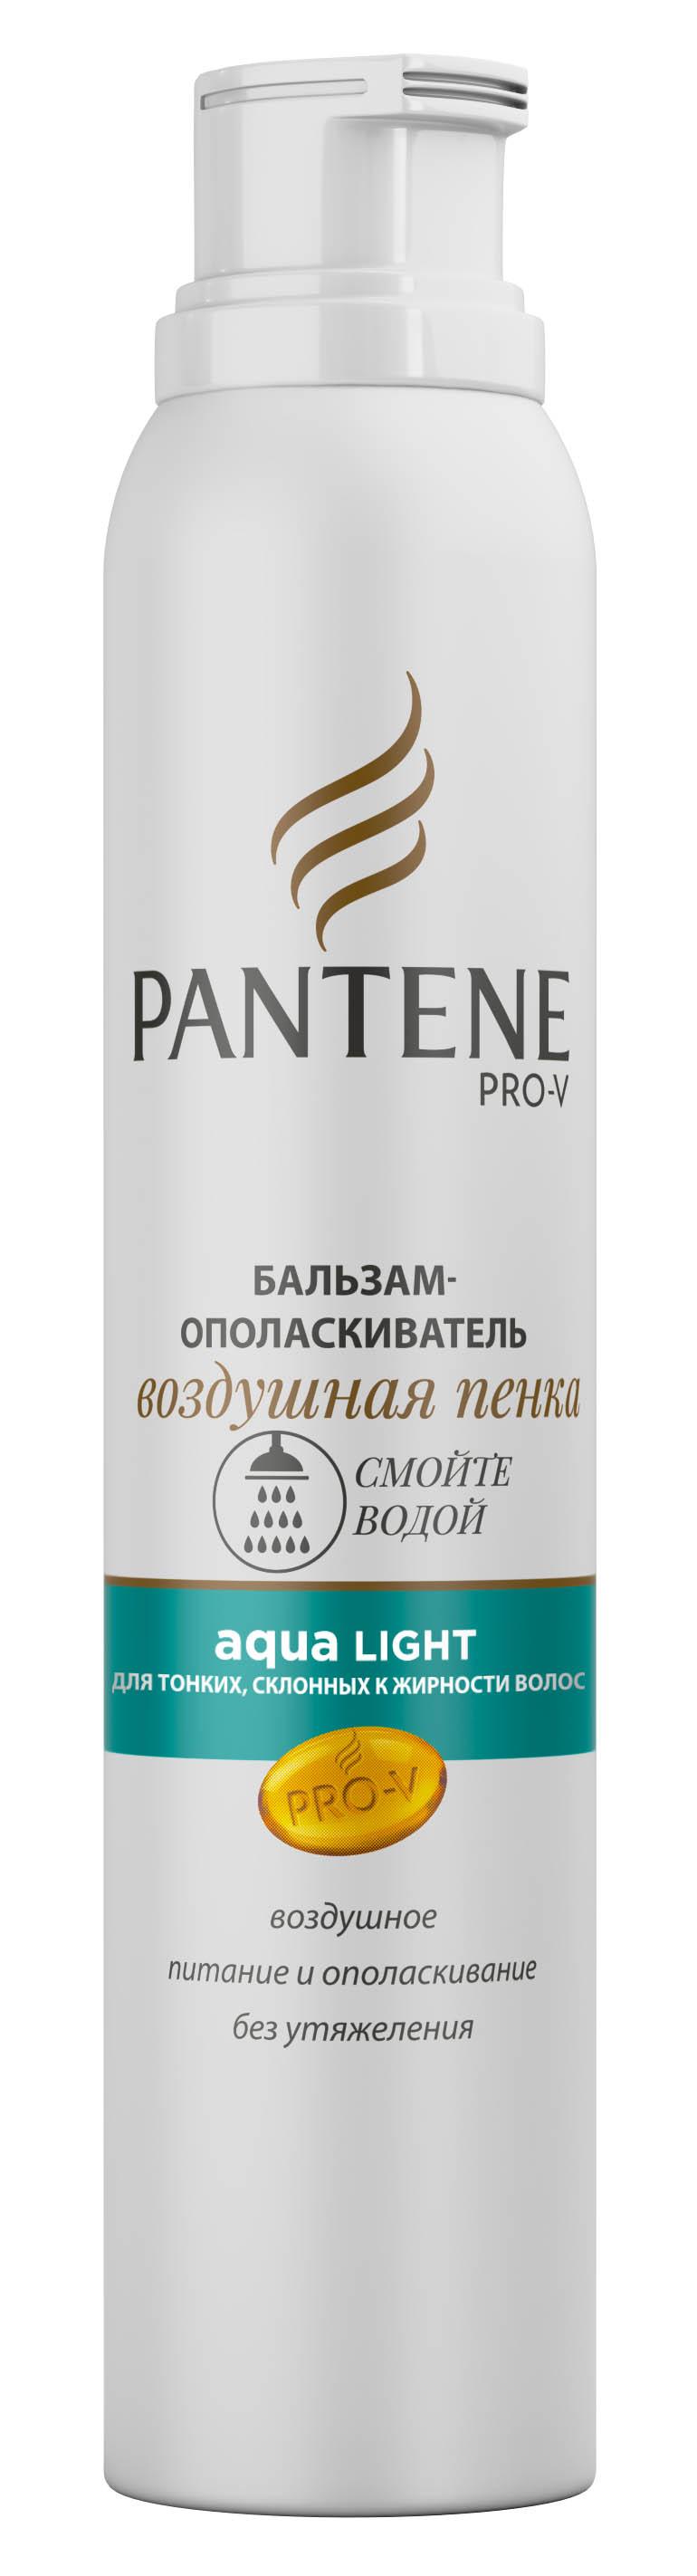 Pantene Бальзам-ополаскиватель Воздушная Пенка Aqua Light 180млPT-81570392100% питания, 0% утяжеления. Воздушное питание и ополаскивание без утяжеления. Бальзам-ополаскиватель Pantene Pro-V Воздушная пенка превосходно питает и ополаскивает тонкие волосы, не утяжеляя их. Волосы легко расчесываются, более здоровые и струящиеся. ФОРМУЛА БАЛЬЗАМА-ОПОЛАСКИВАТЕЛЯ Pantene PRO-V Воздушная пенка: Благодаря воздушно-легкой текстуре бальзам-ополаскиватель глубоко проникает в волосы и увлажняет их изнутри, не оставаясь на поверхности, тем самым не утяжеляя тонкие волосы. С бальзамом-ополаскивателем воздушная пенка Aqua Light волосы не спутываются и выглядят здоровыми и шелковистыми. Для тонких, склонных жиркости волос.